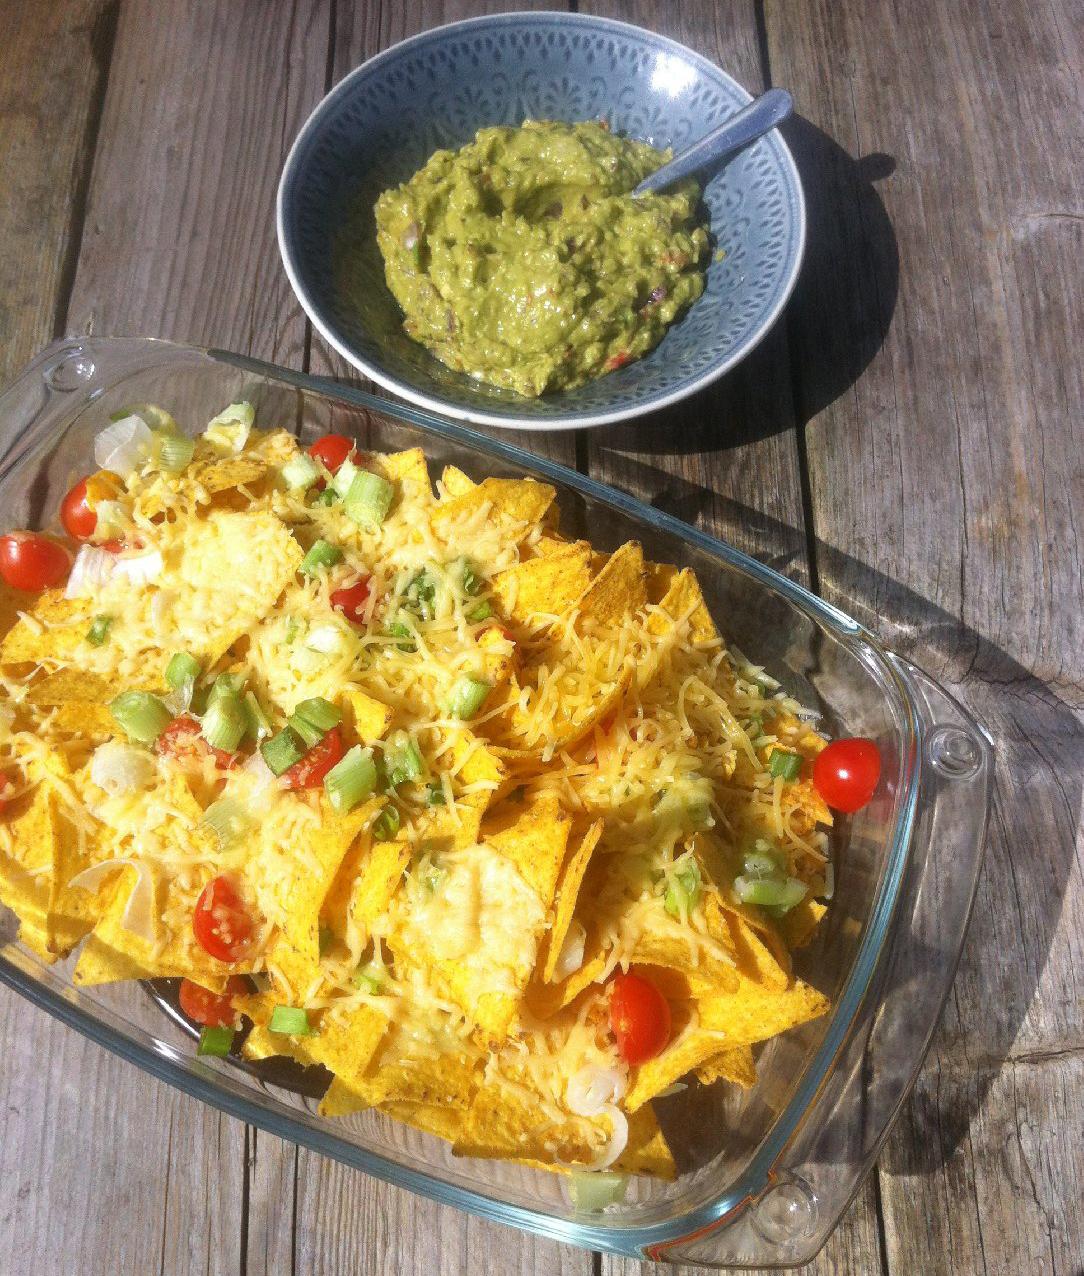 Populair Nacho's met verse guacamole - FOOD I LOVE @BL85